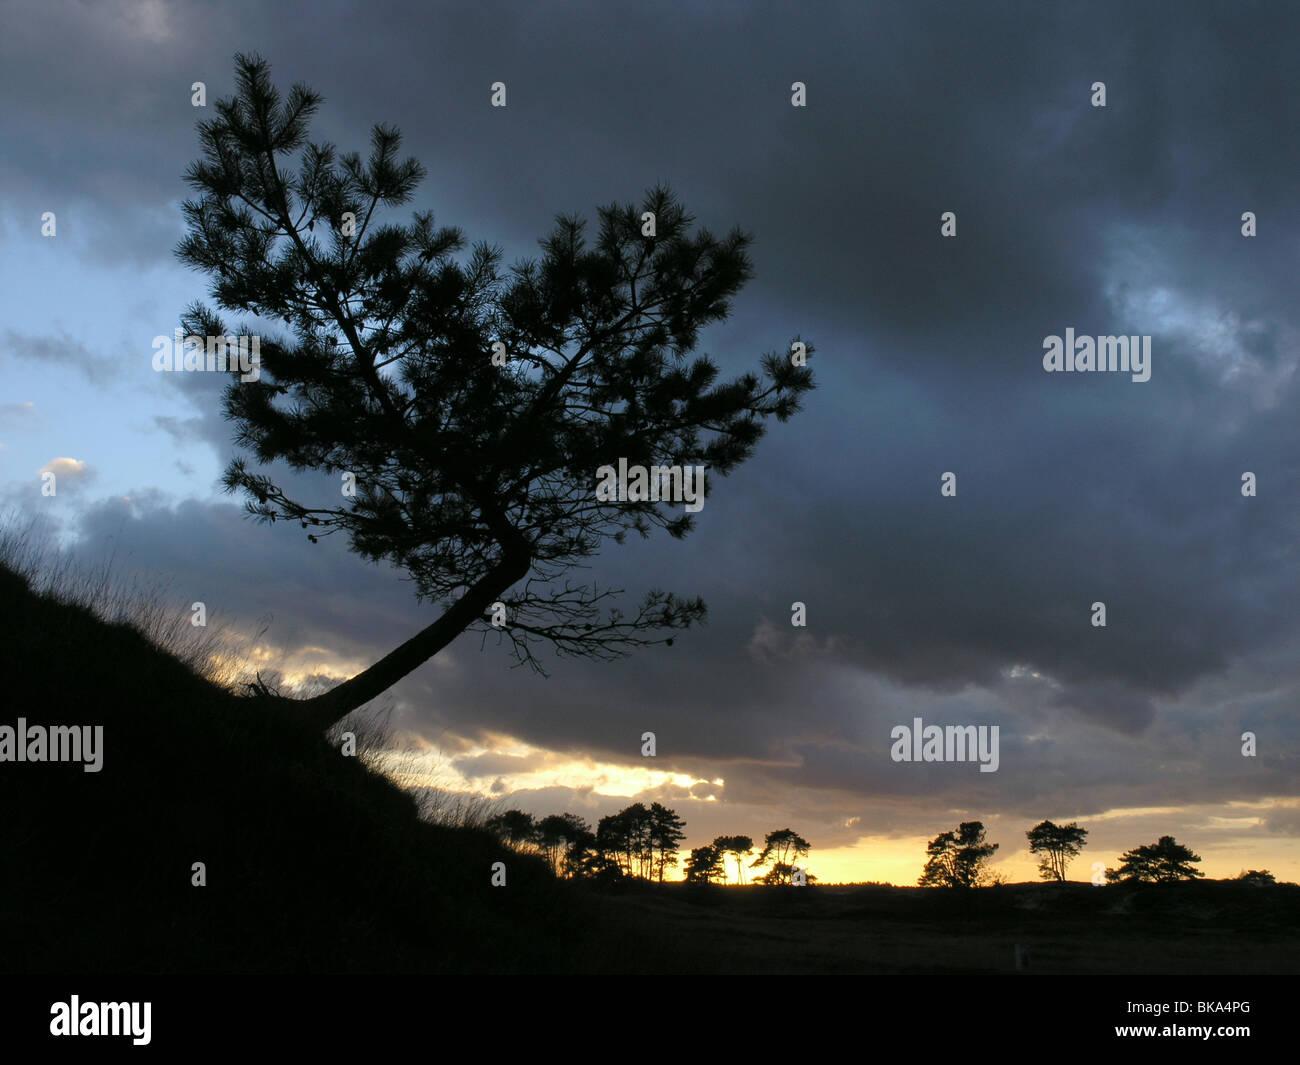 Een kleine Vliegden op duin, tegen de dreigende lucht van een zonsondergang na slecht weer. Stock Photo